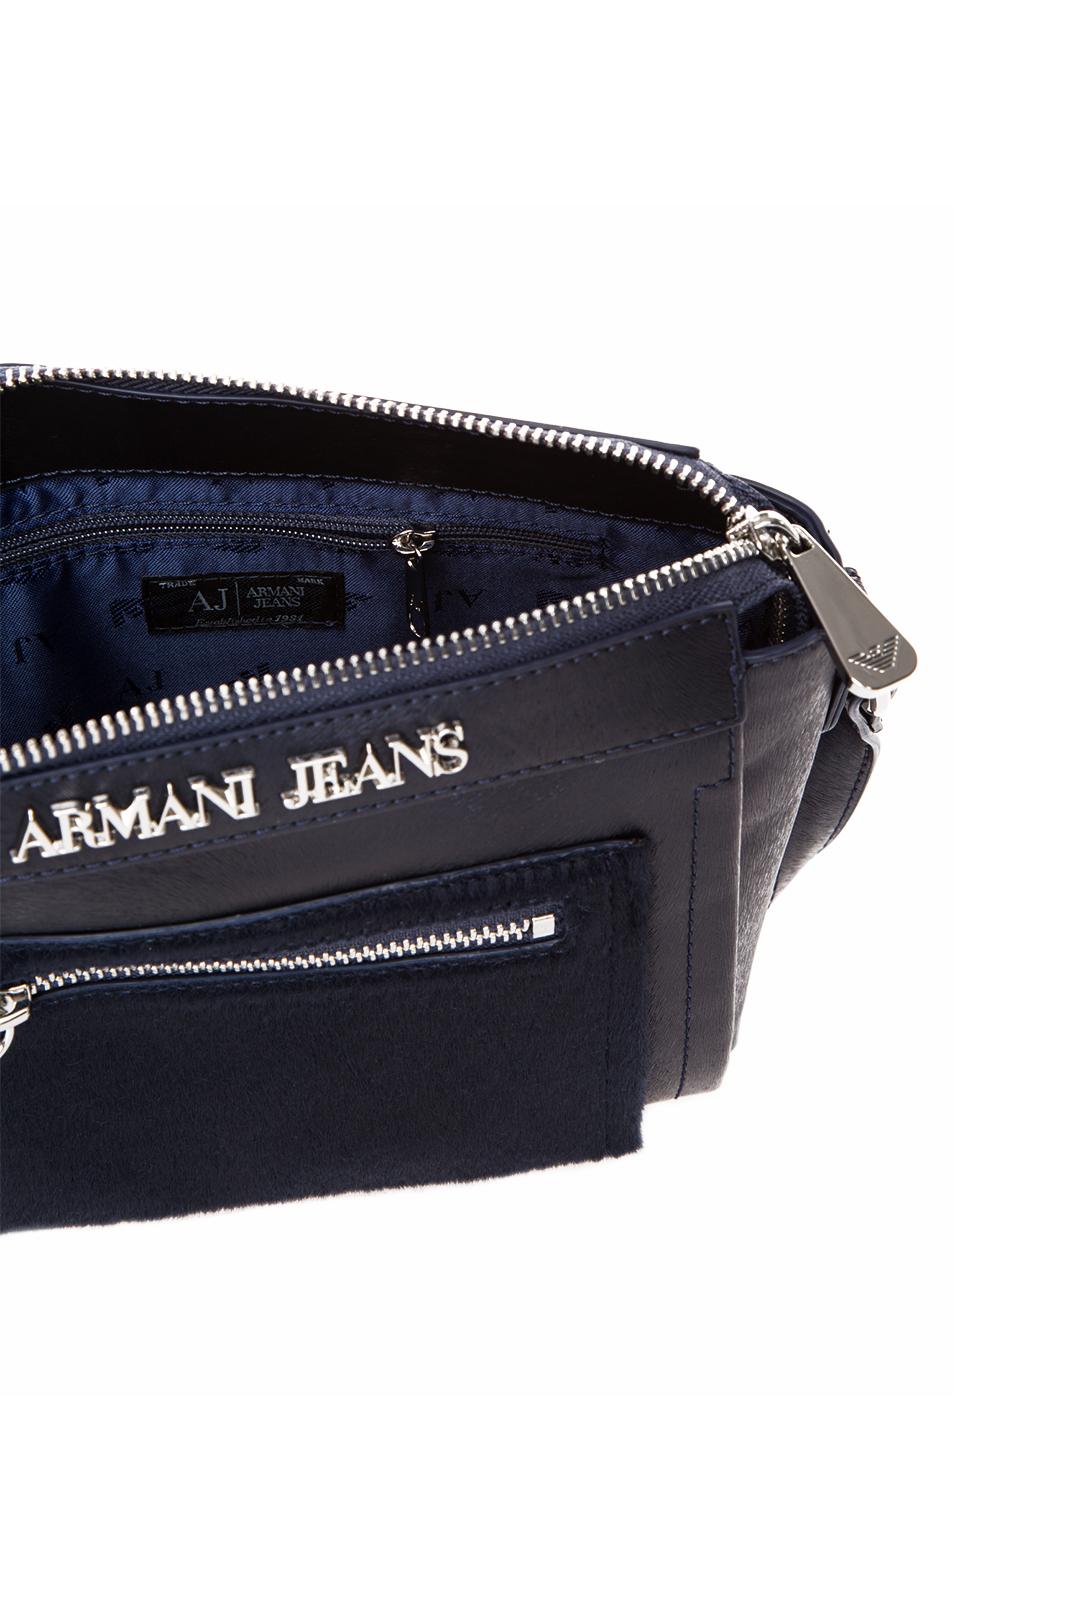 Besaces / Sacs bandoulière  Armani jeans 922104 6A728 31735 PATRIOT BLUE